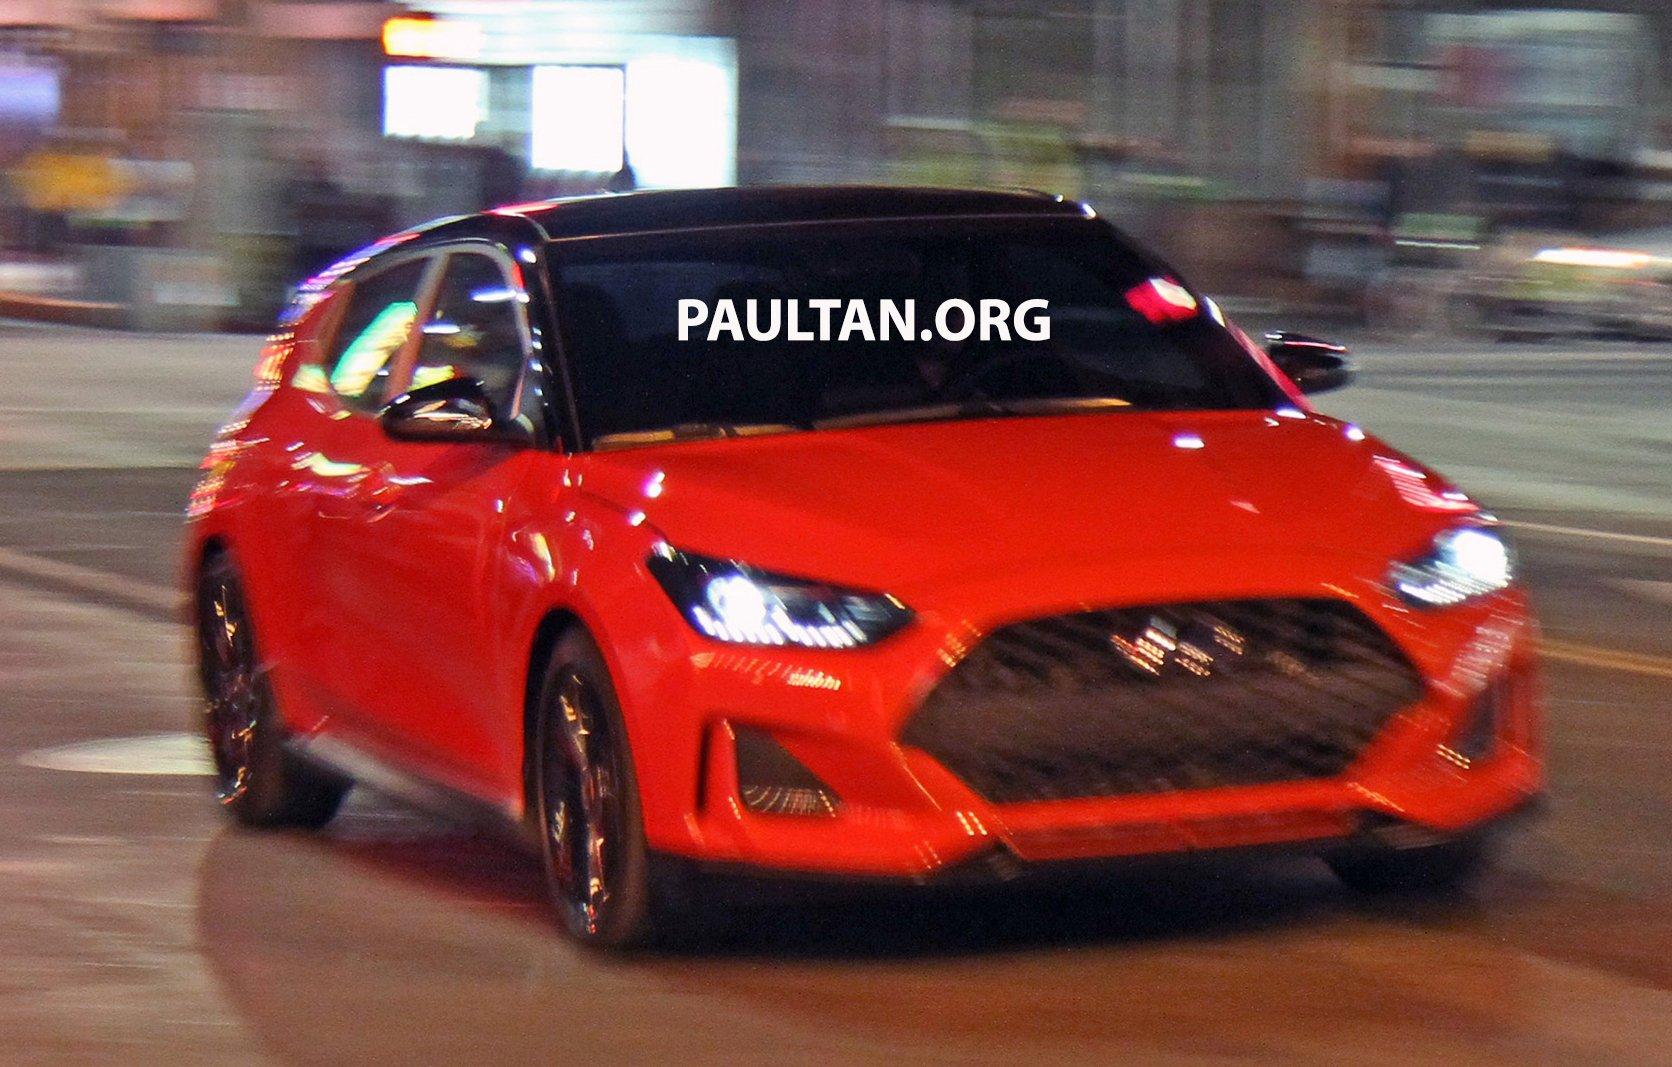 2019 Hyundai Veloster >> 谍照:2019 Hyundai Veloster Turbo 无伪装谍照曝光! 2019-Hyundai-Veloster-Spyshots-02 - Paul Tan 汽车资讯网